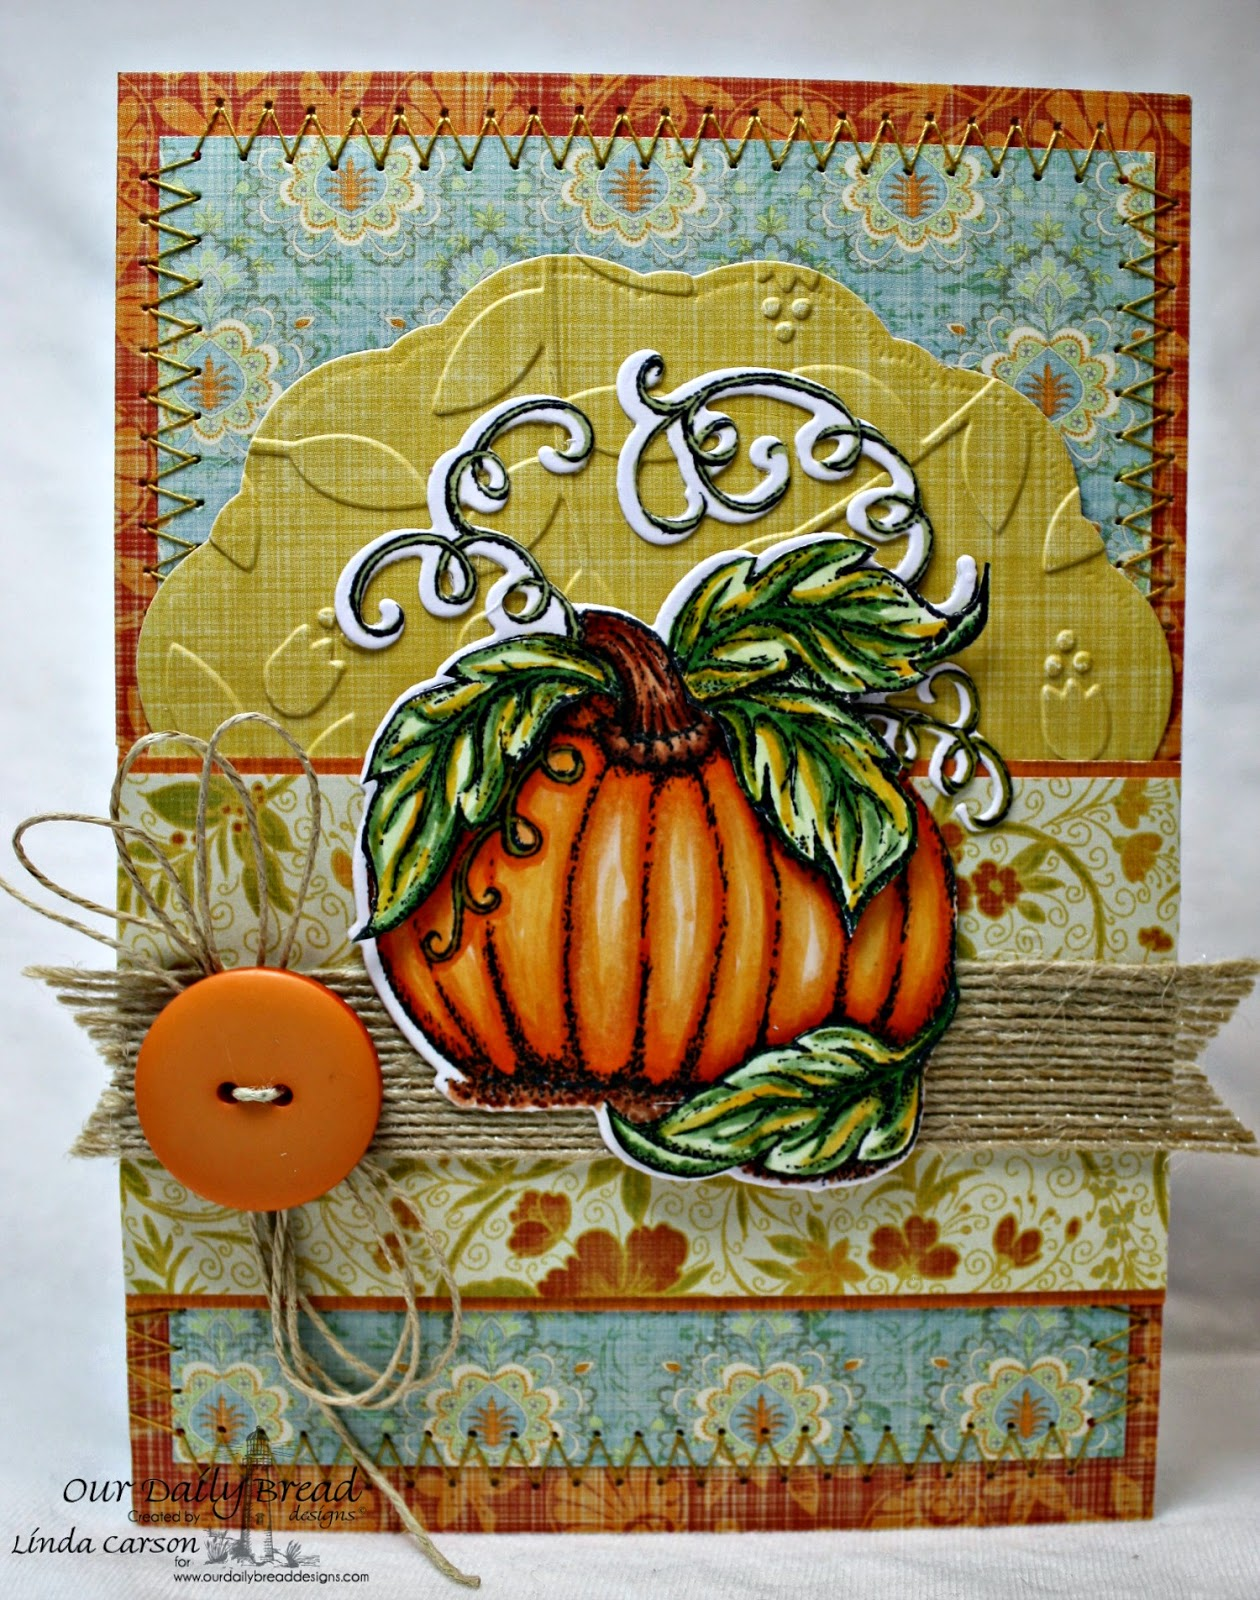 Our Daily Bread Designs, Pumpkin, Pumpkin die, Doily die, designer Linda Carson